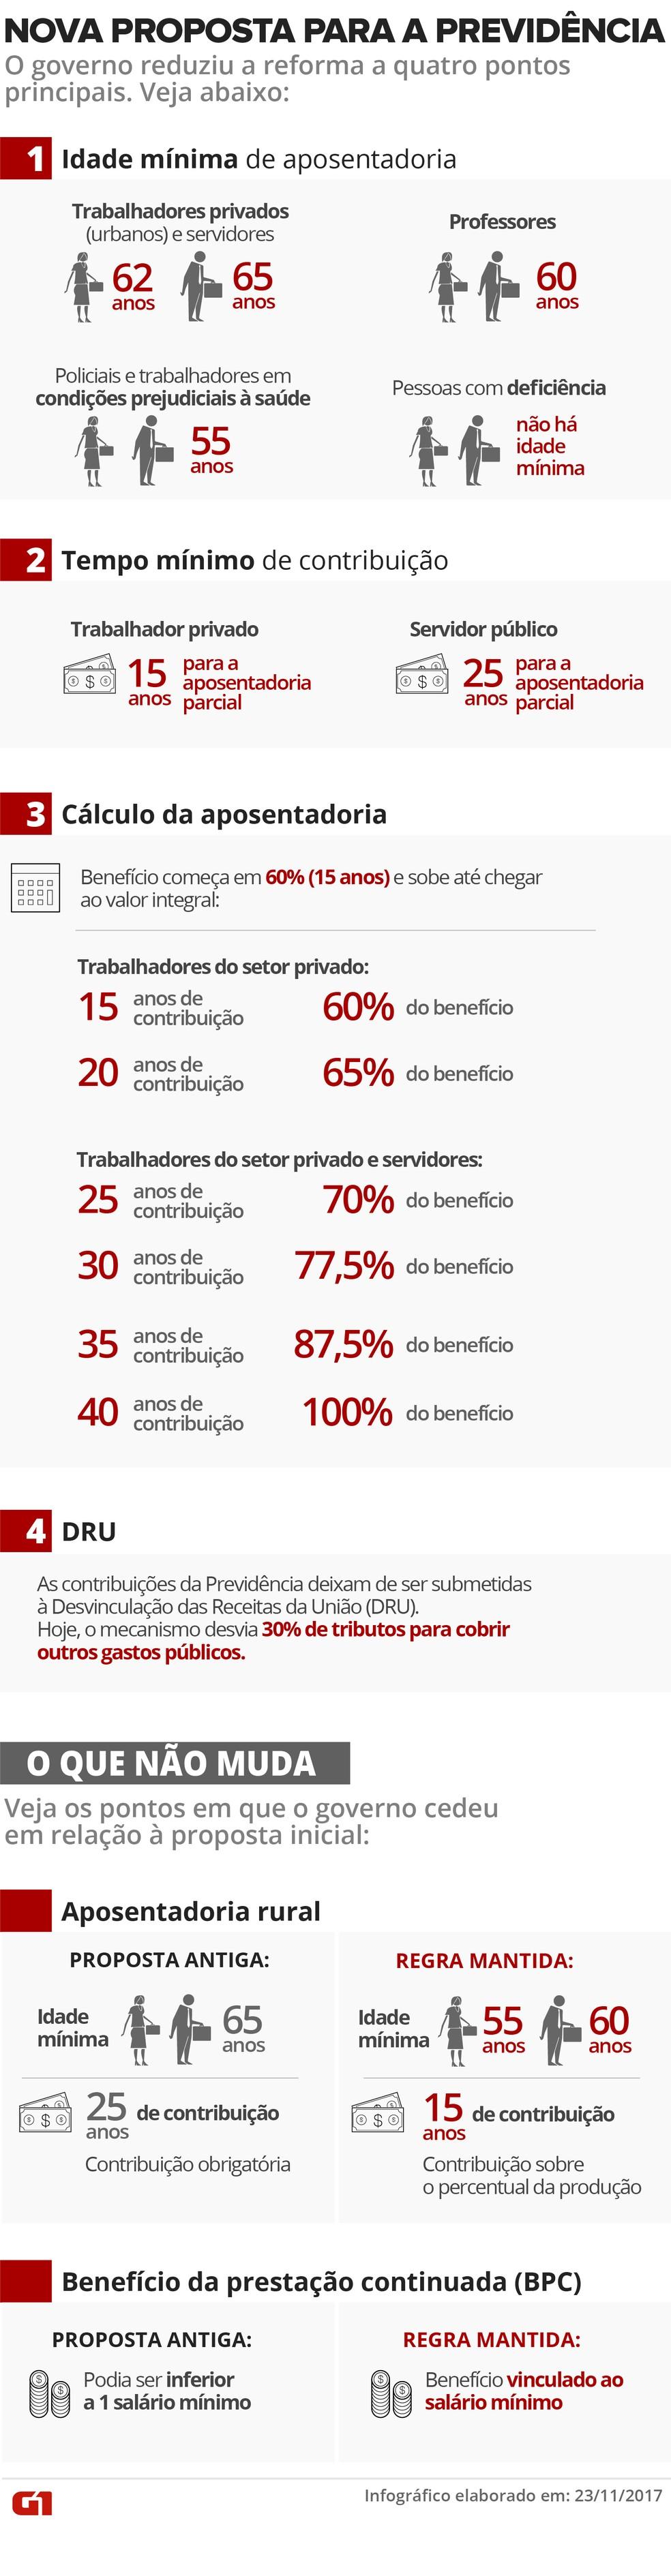 Nova proposta do governo da reforma da Previdência (Foto: Karina Almeida/G1)